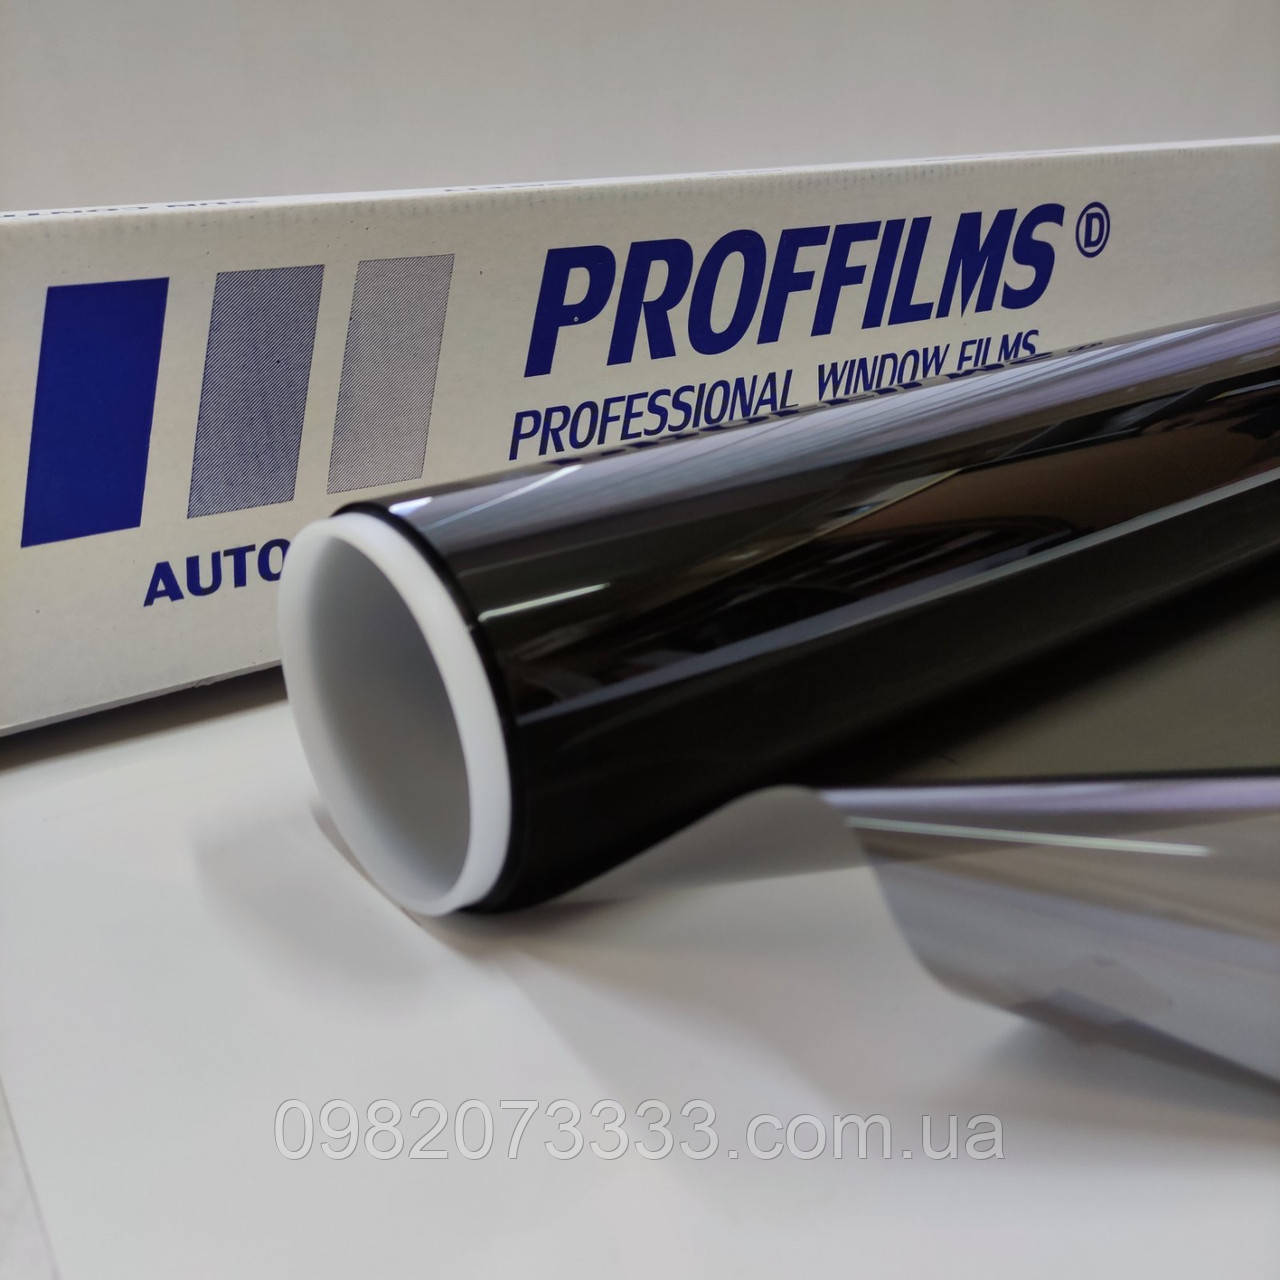 Автомобільна плівка IR Black 35% нано керамічна для авто. Тонувальна Плівка ширина 1,524 (ціна за кв. м)